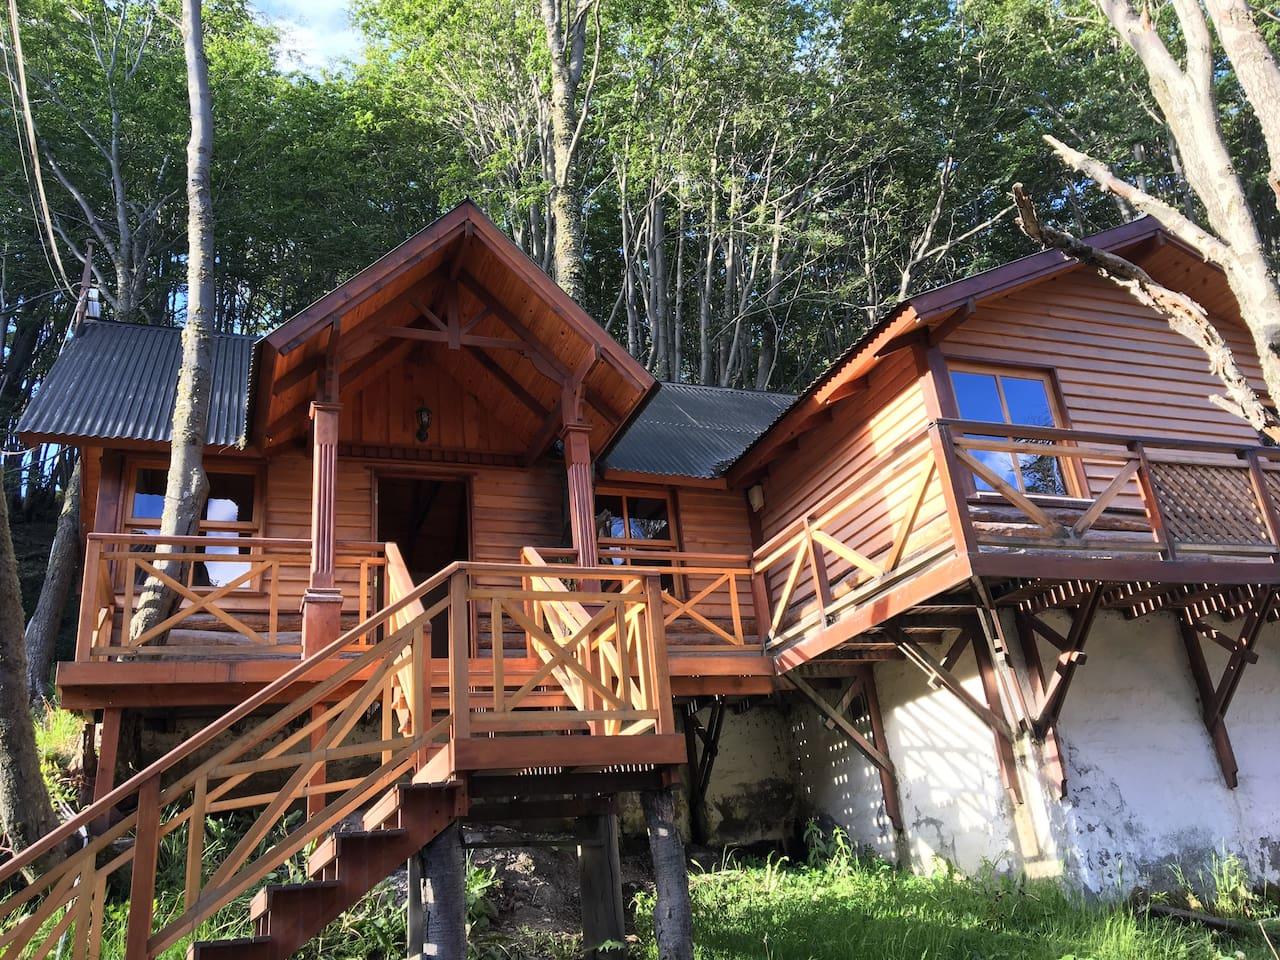 Cabaña dentro del bosque fueguino, para 4 personas, ideal para descansar en un lugar seguro y natural.